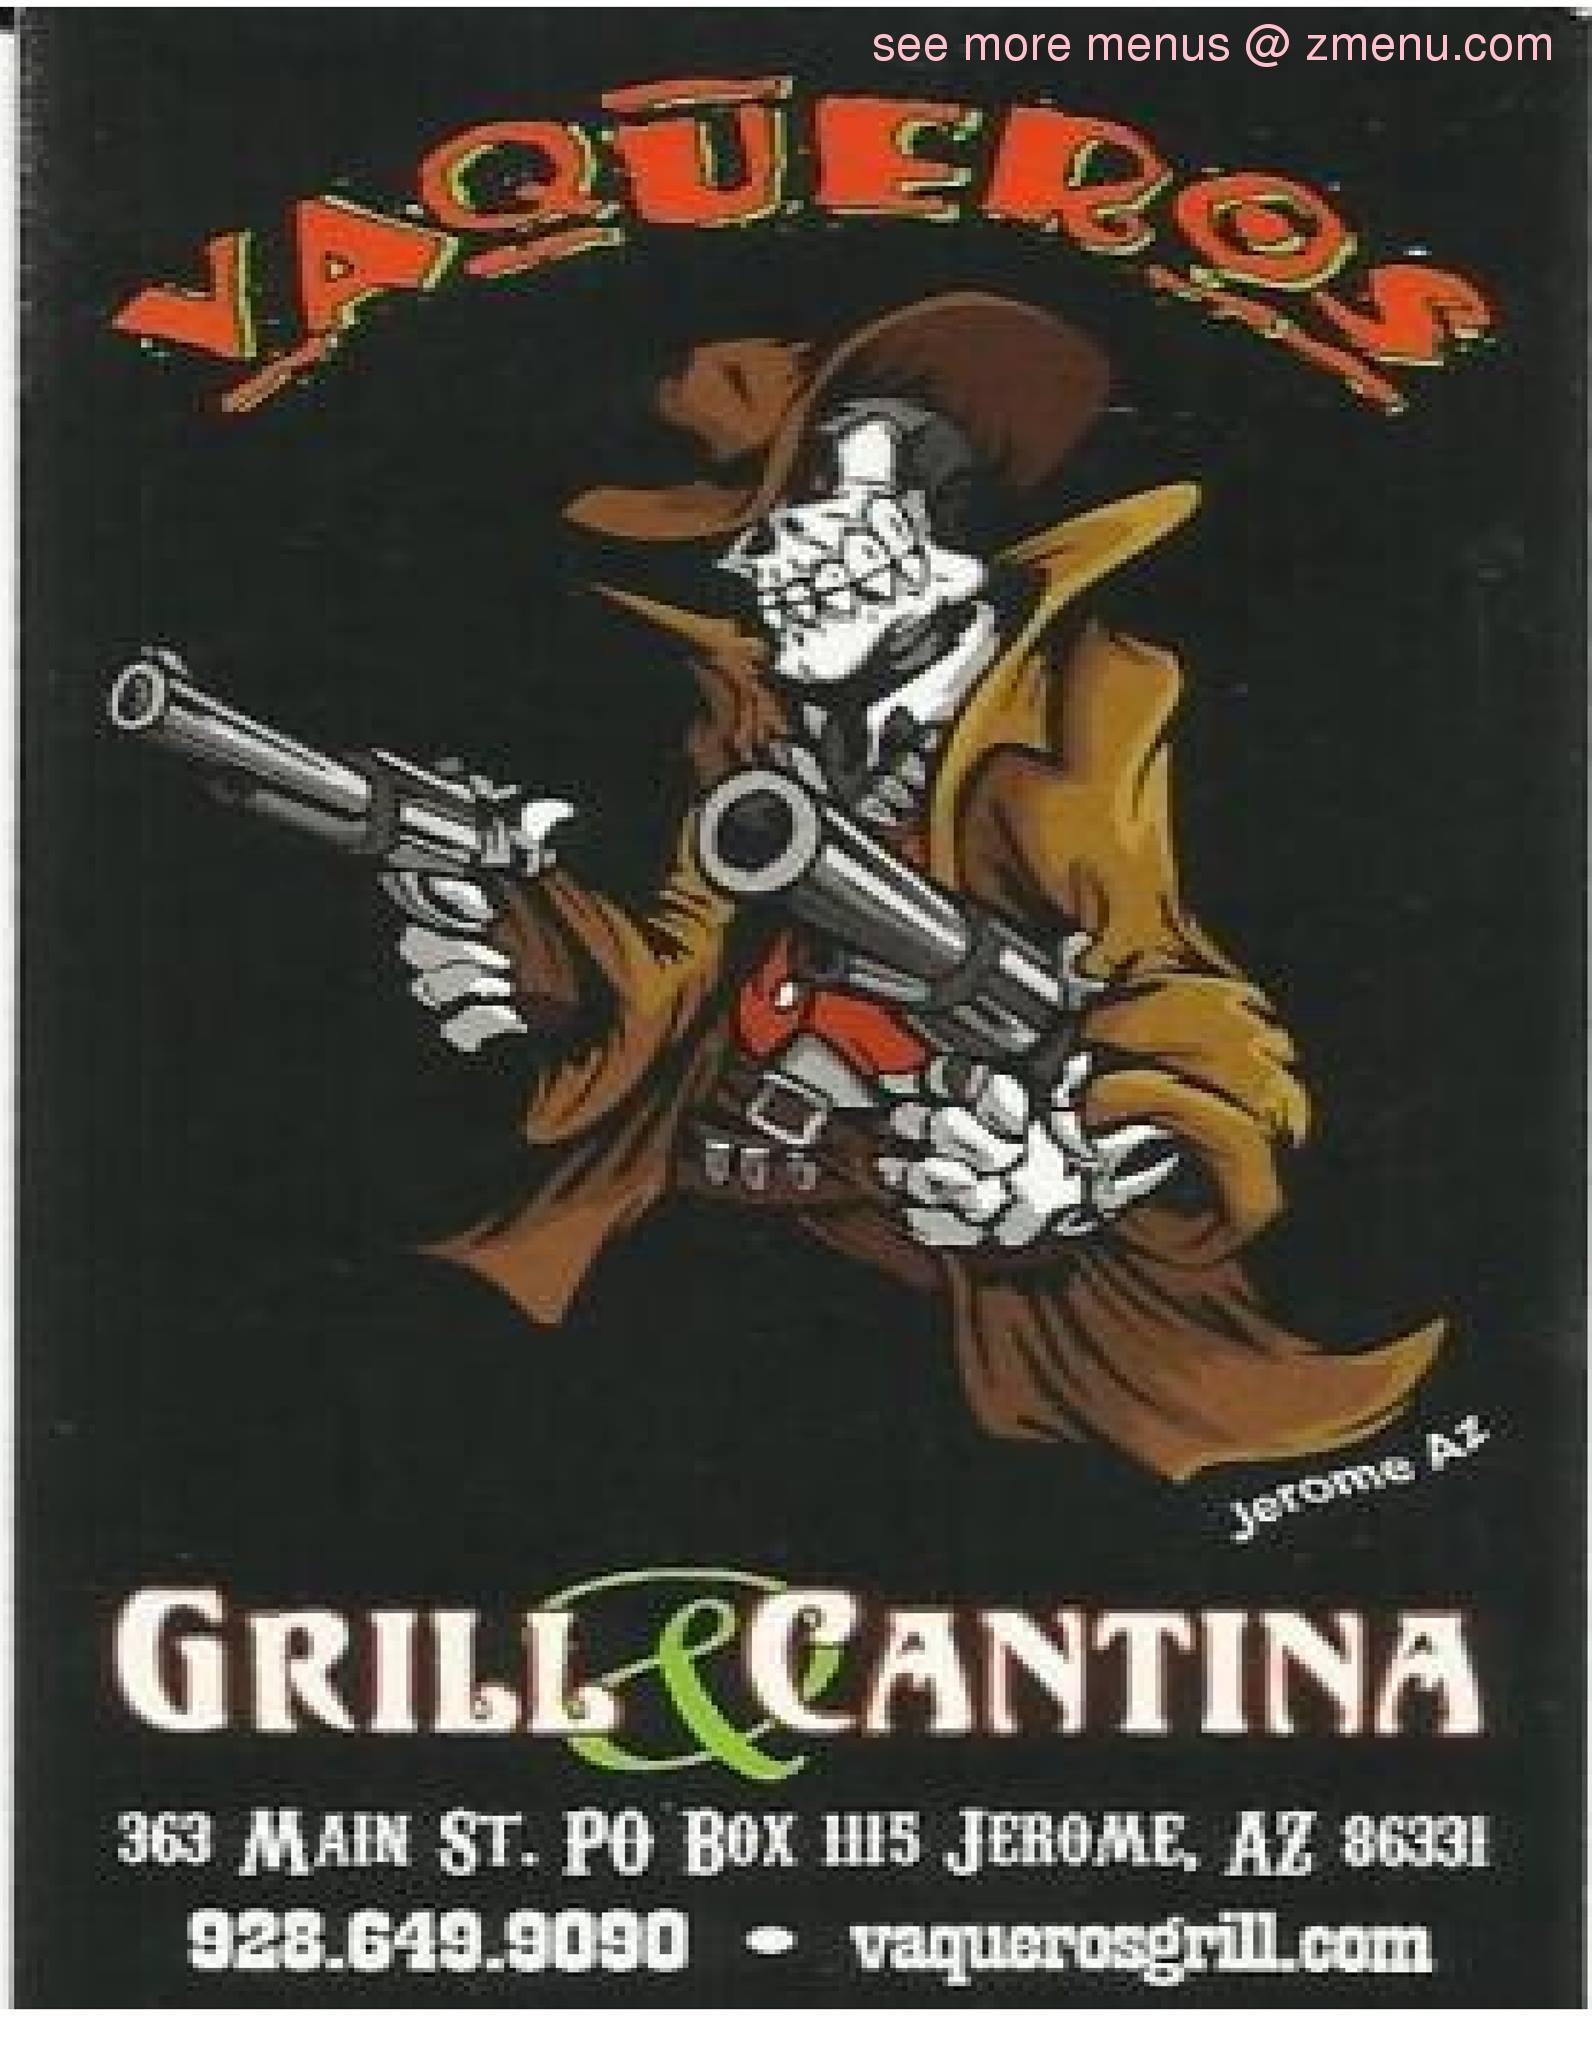 Online Menu Of Vaqueros Grill Cantina Restaurant Jerome